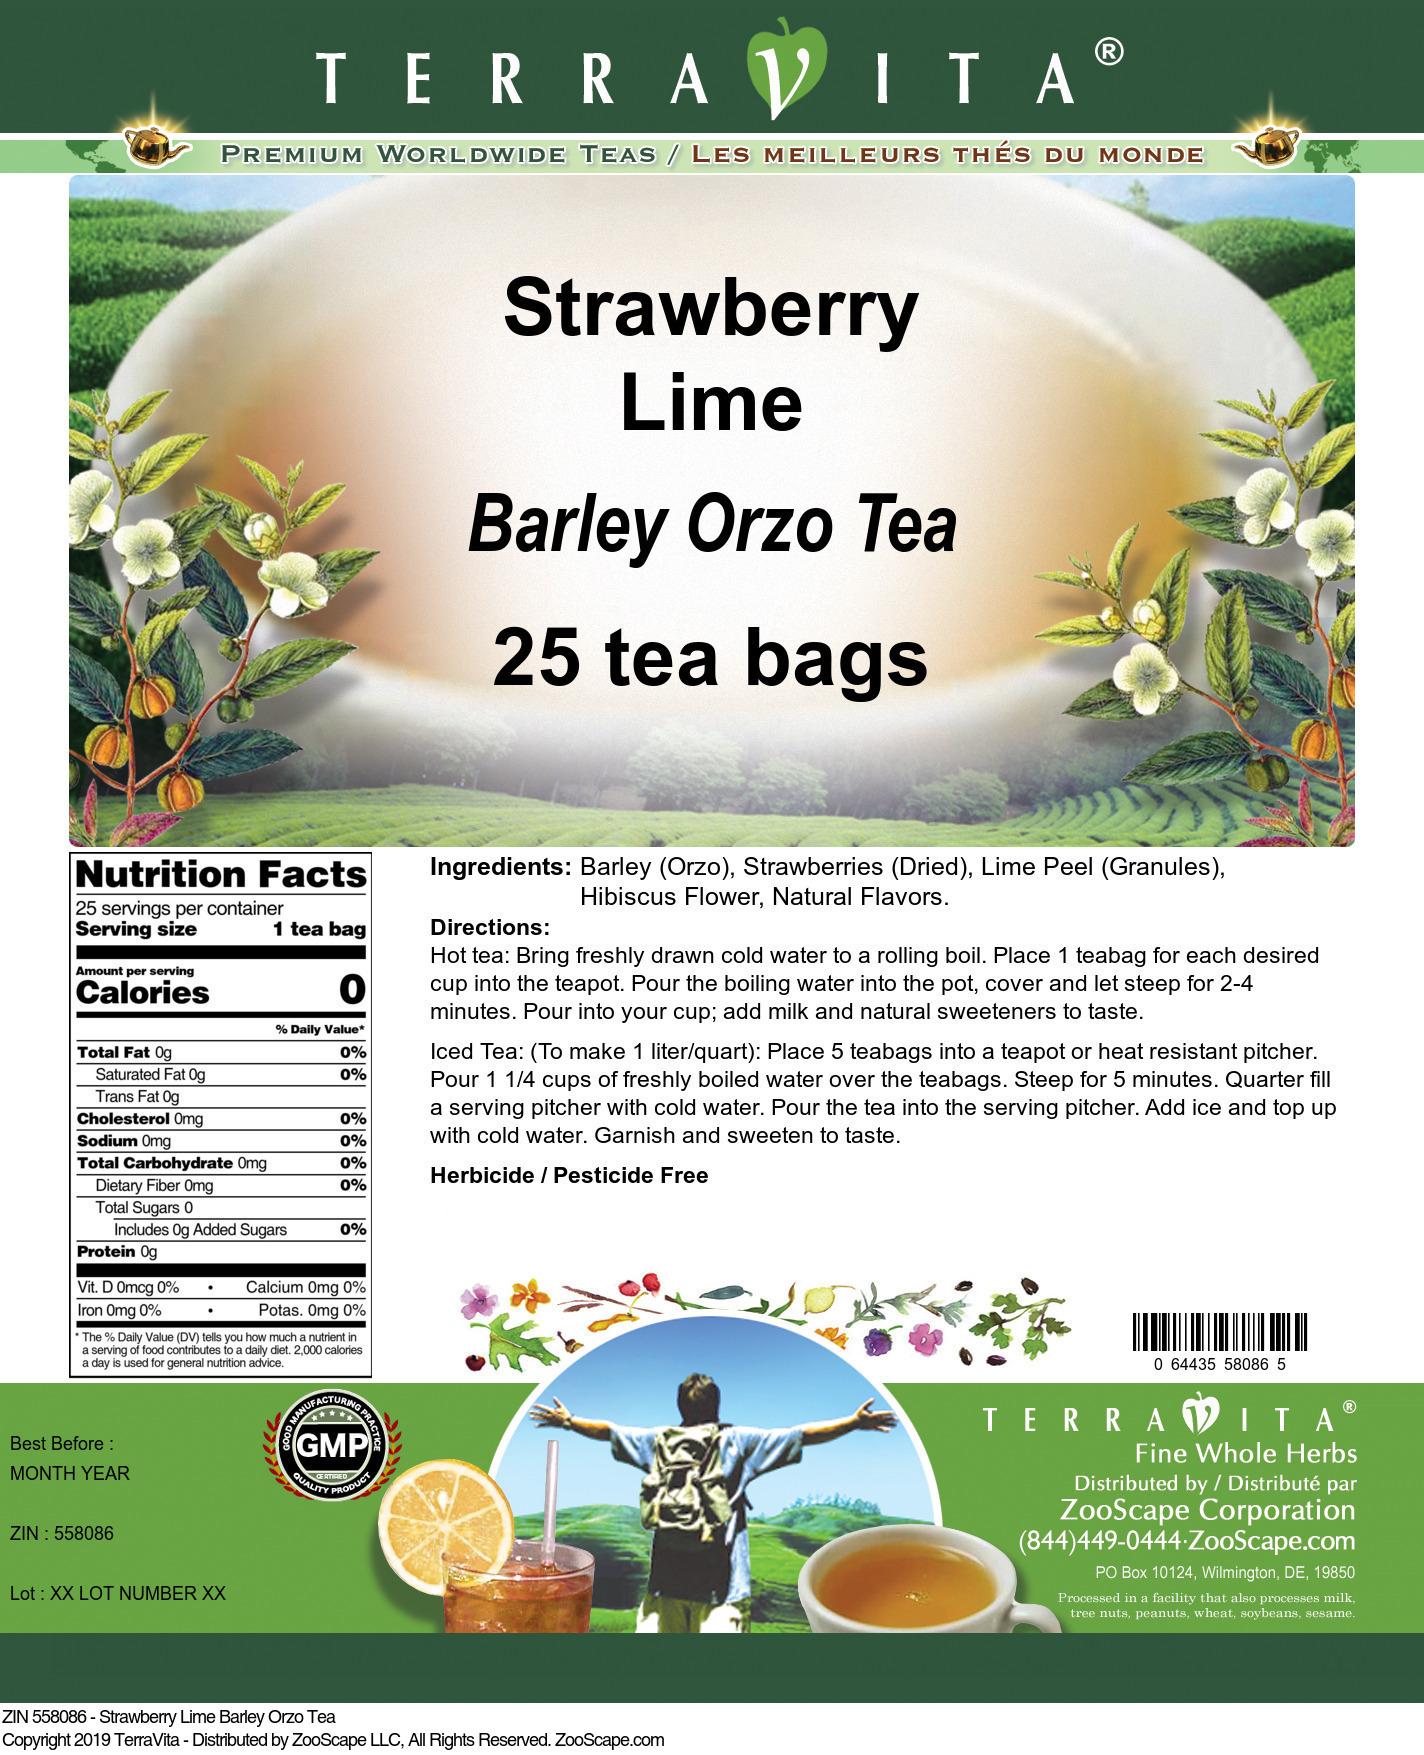 Strawberry Lime Barley Orzo Tea